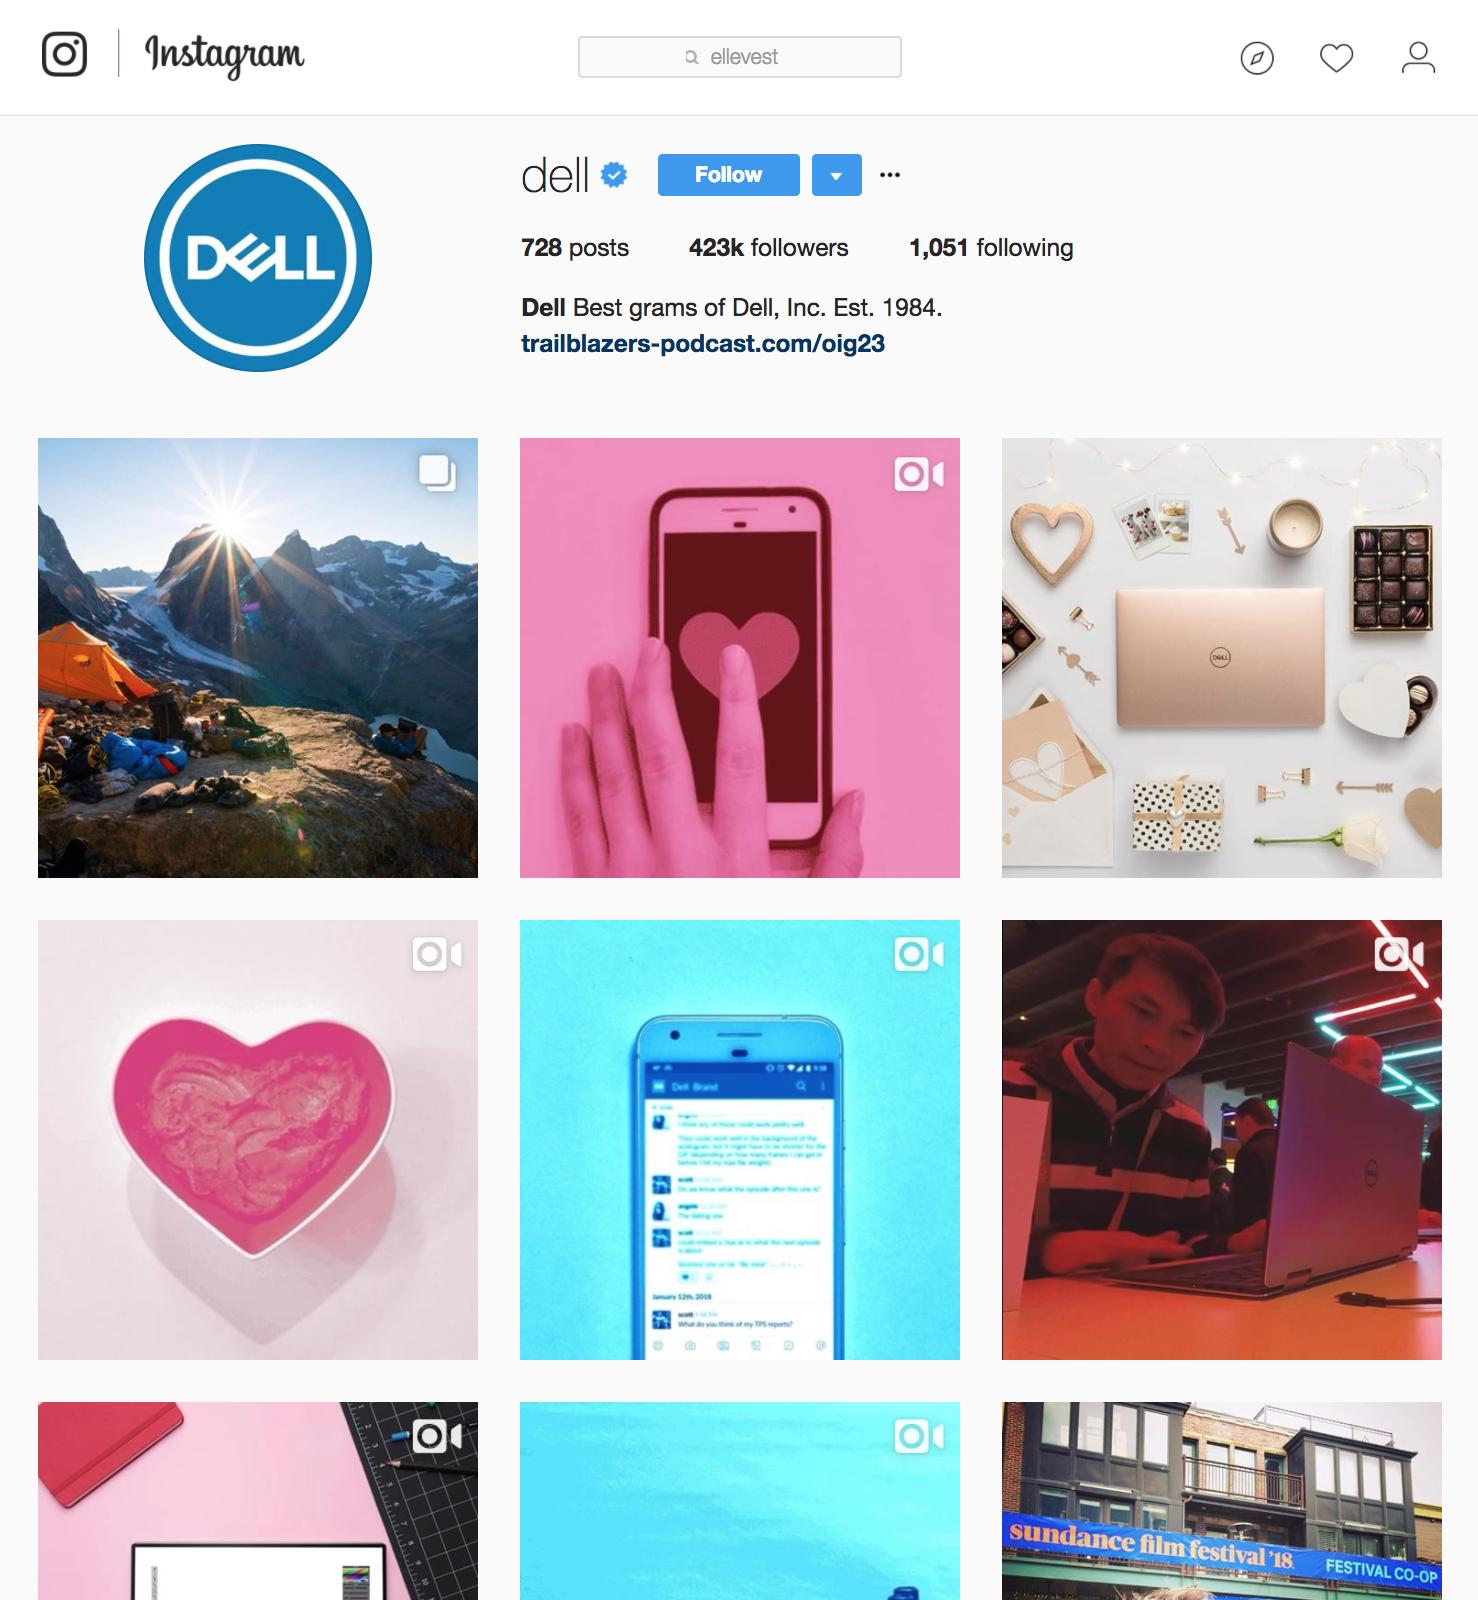 Instagram Strategies For 2018 Social Media Content Marketing